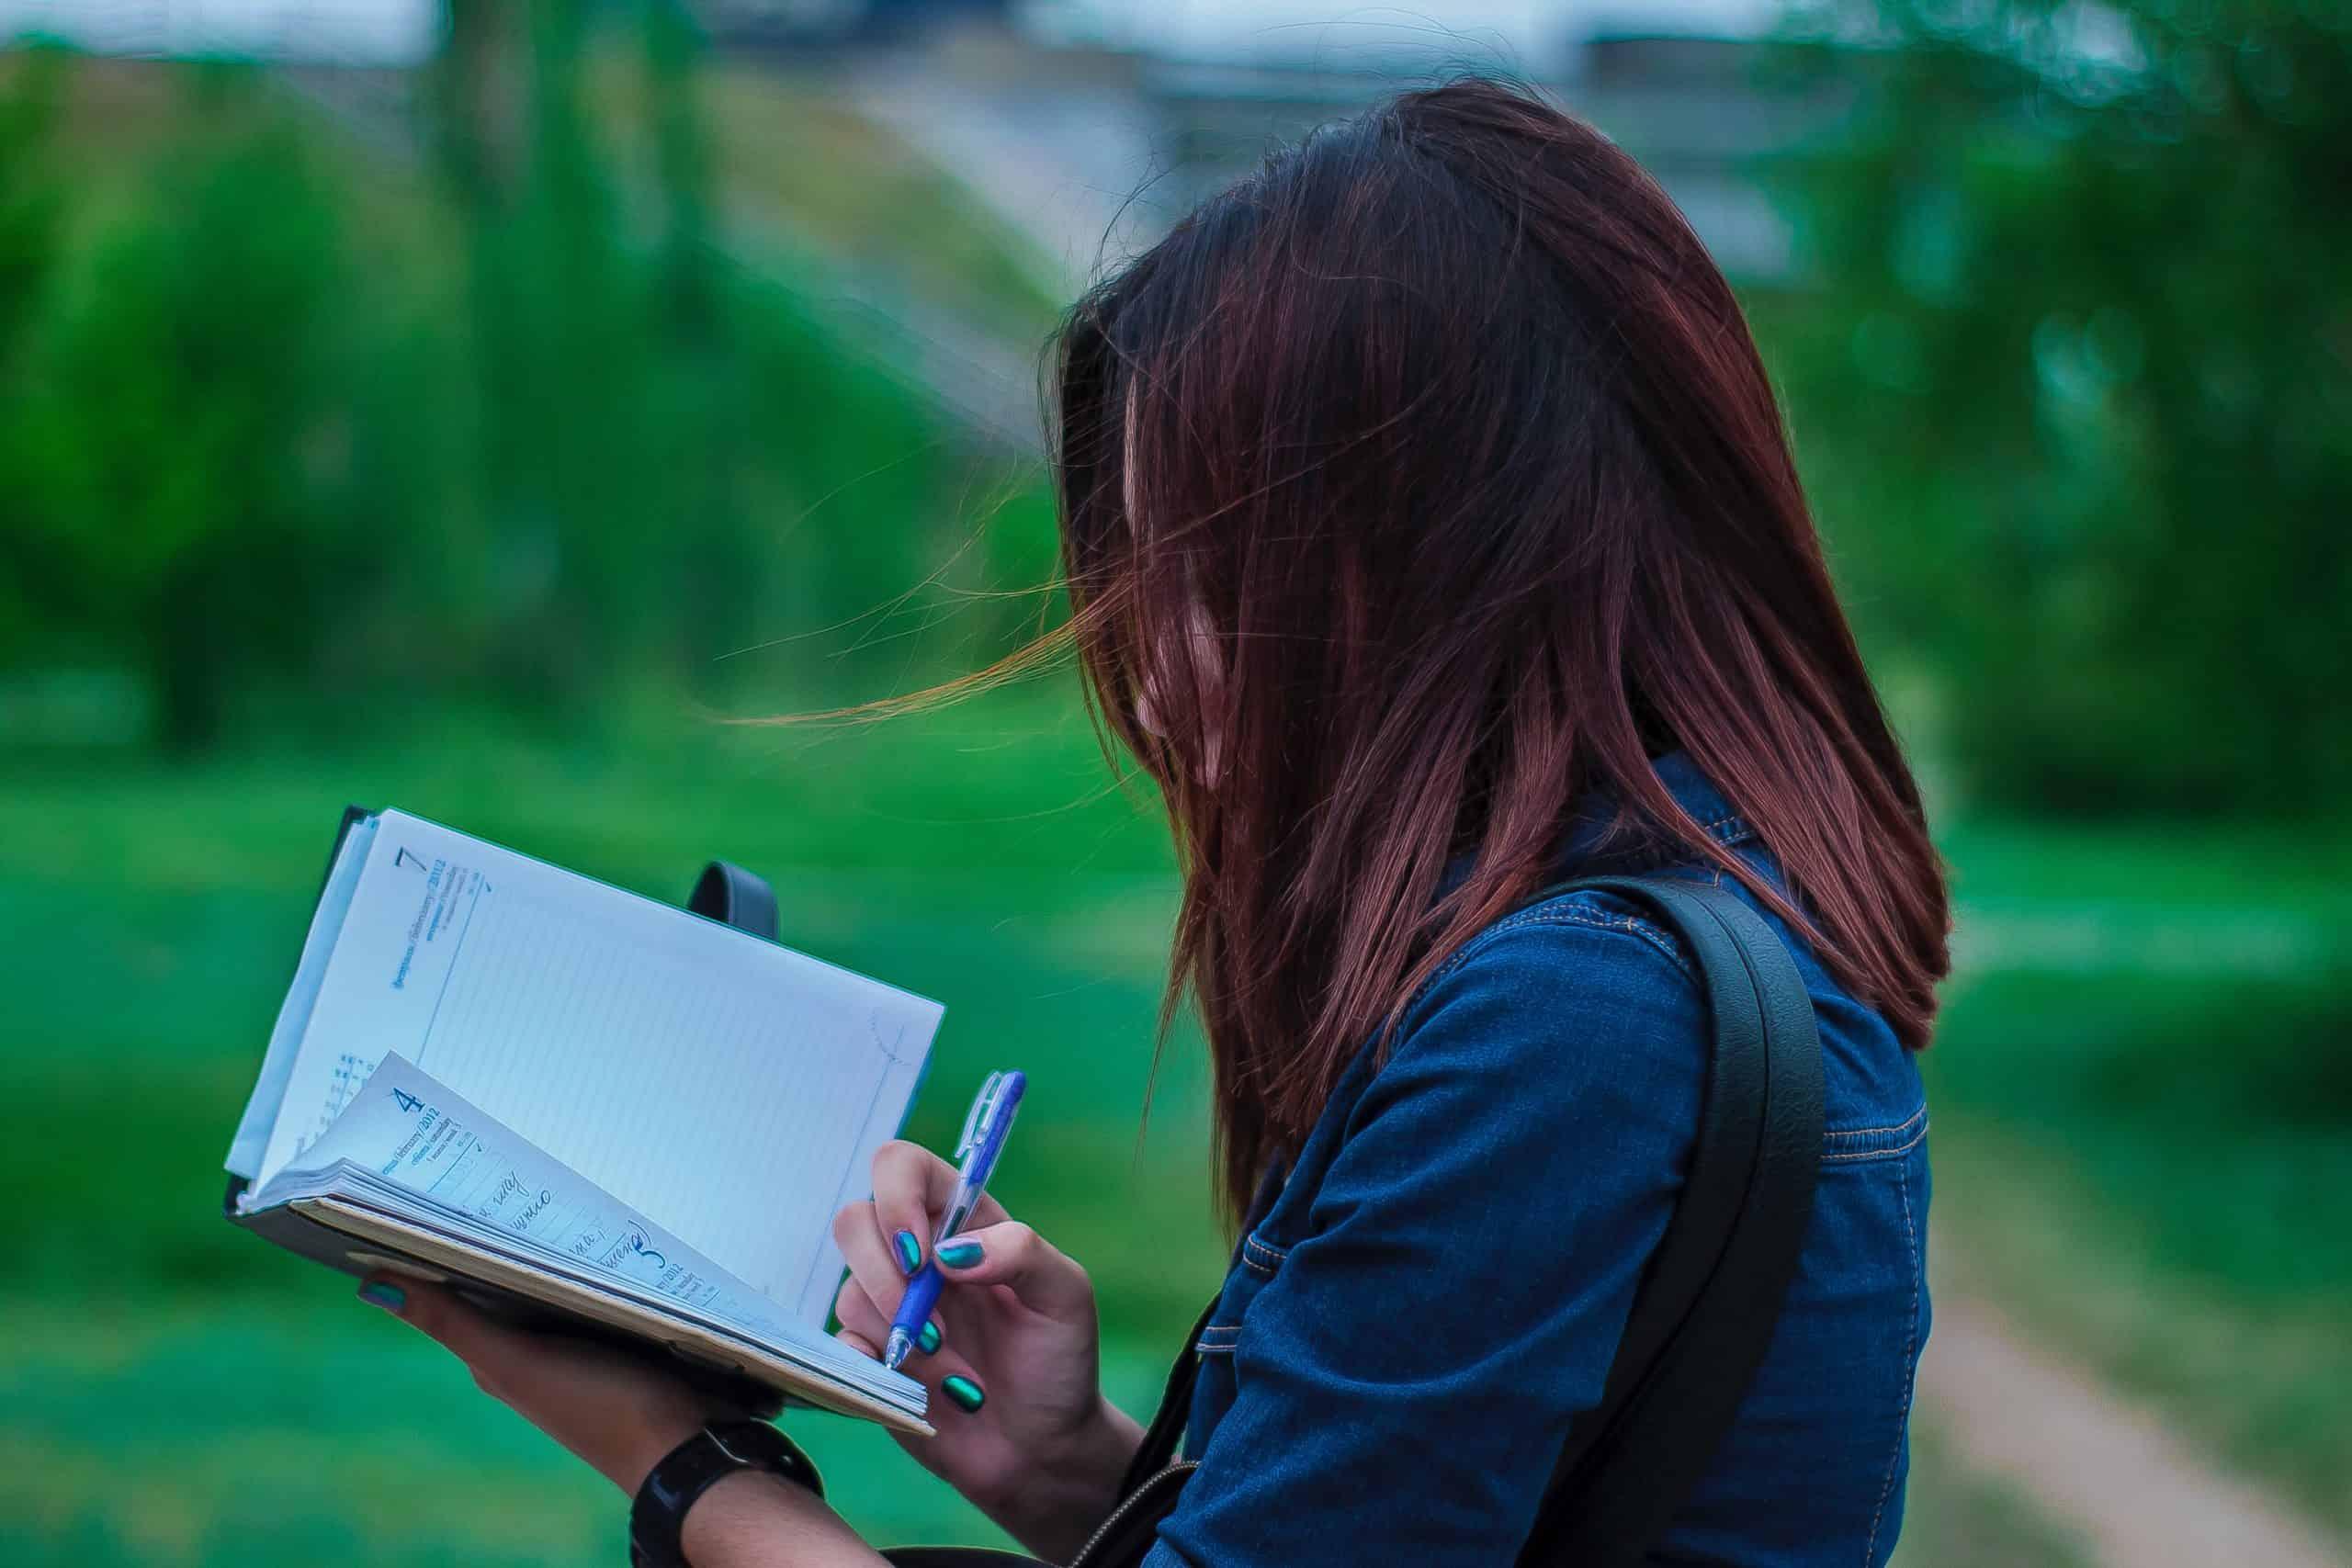 närbild fotografering av en person som skriver på anteckningsbok